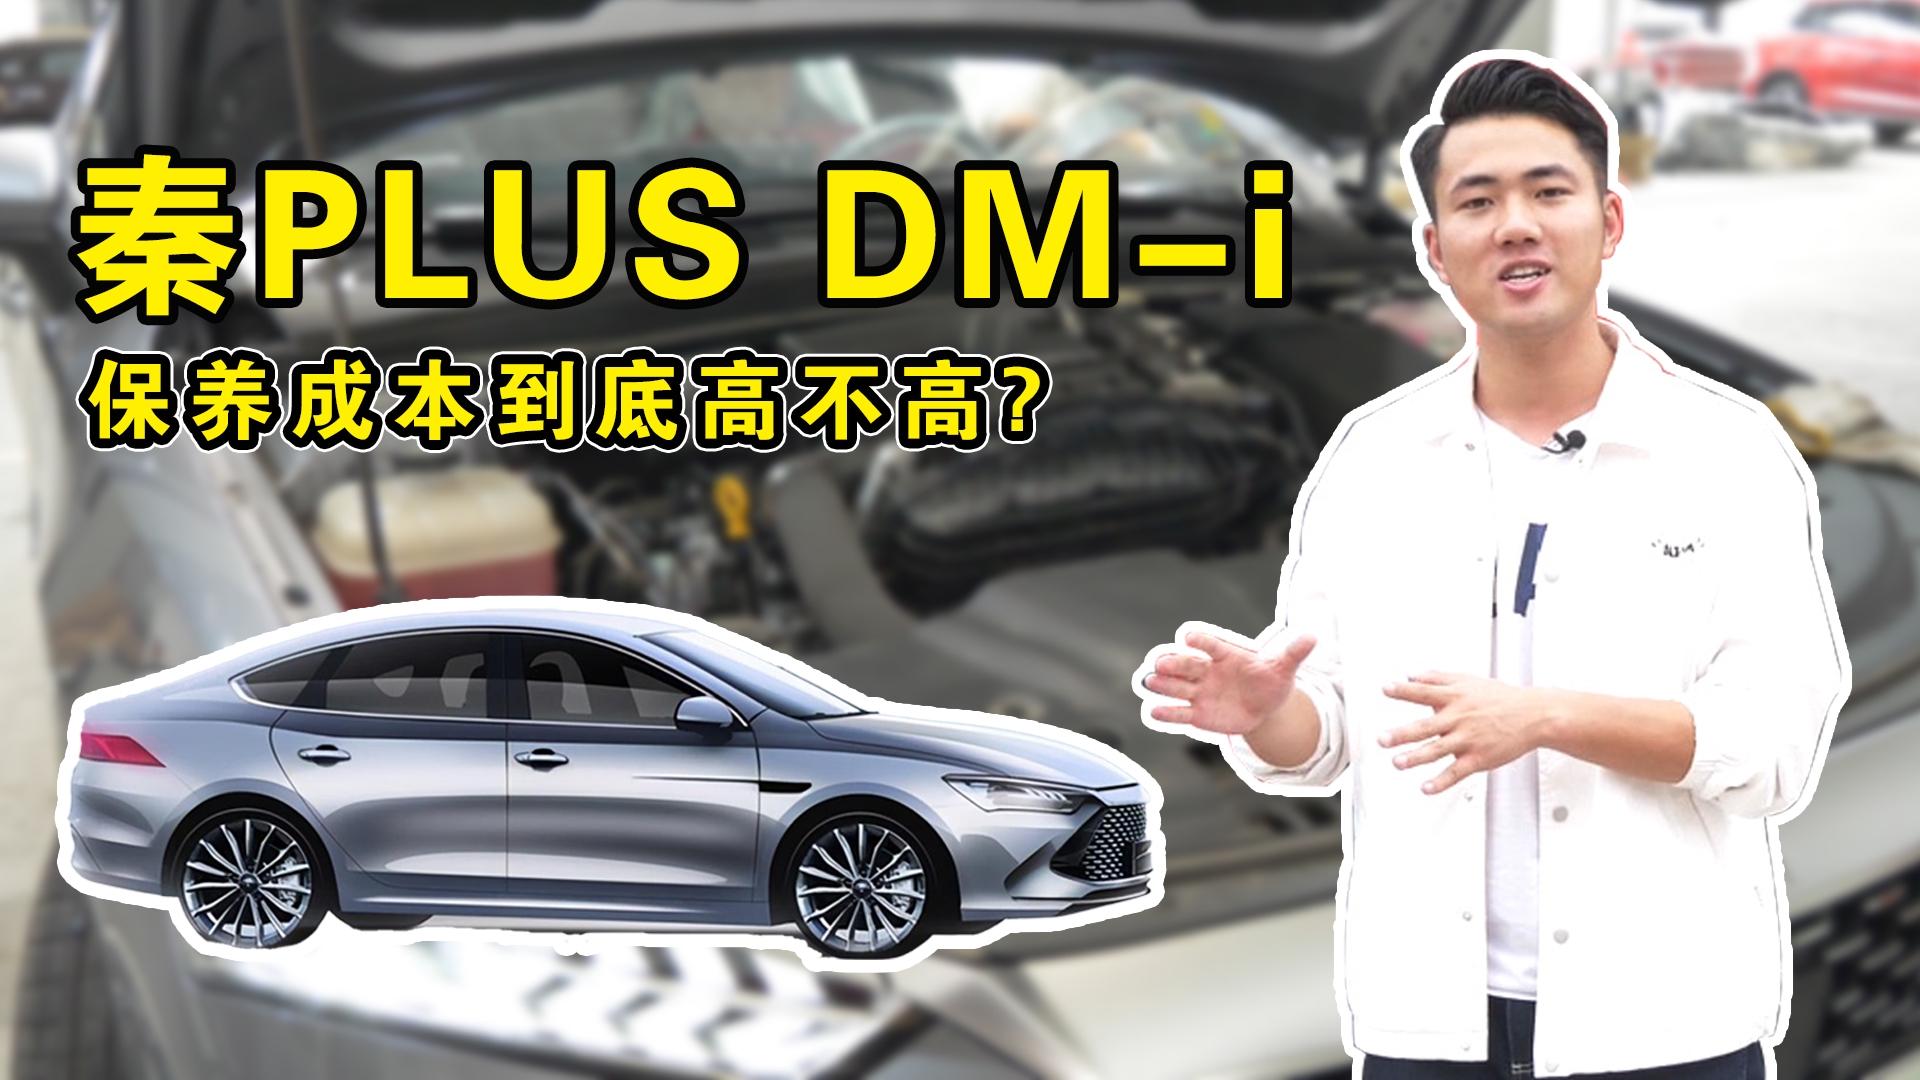 视频:比亚迪秦PLUS DM-i首保都做哪些项目,后期保养成本高不高?